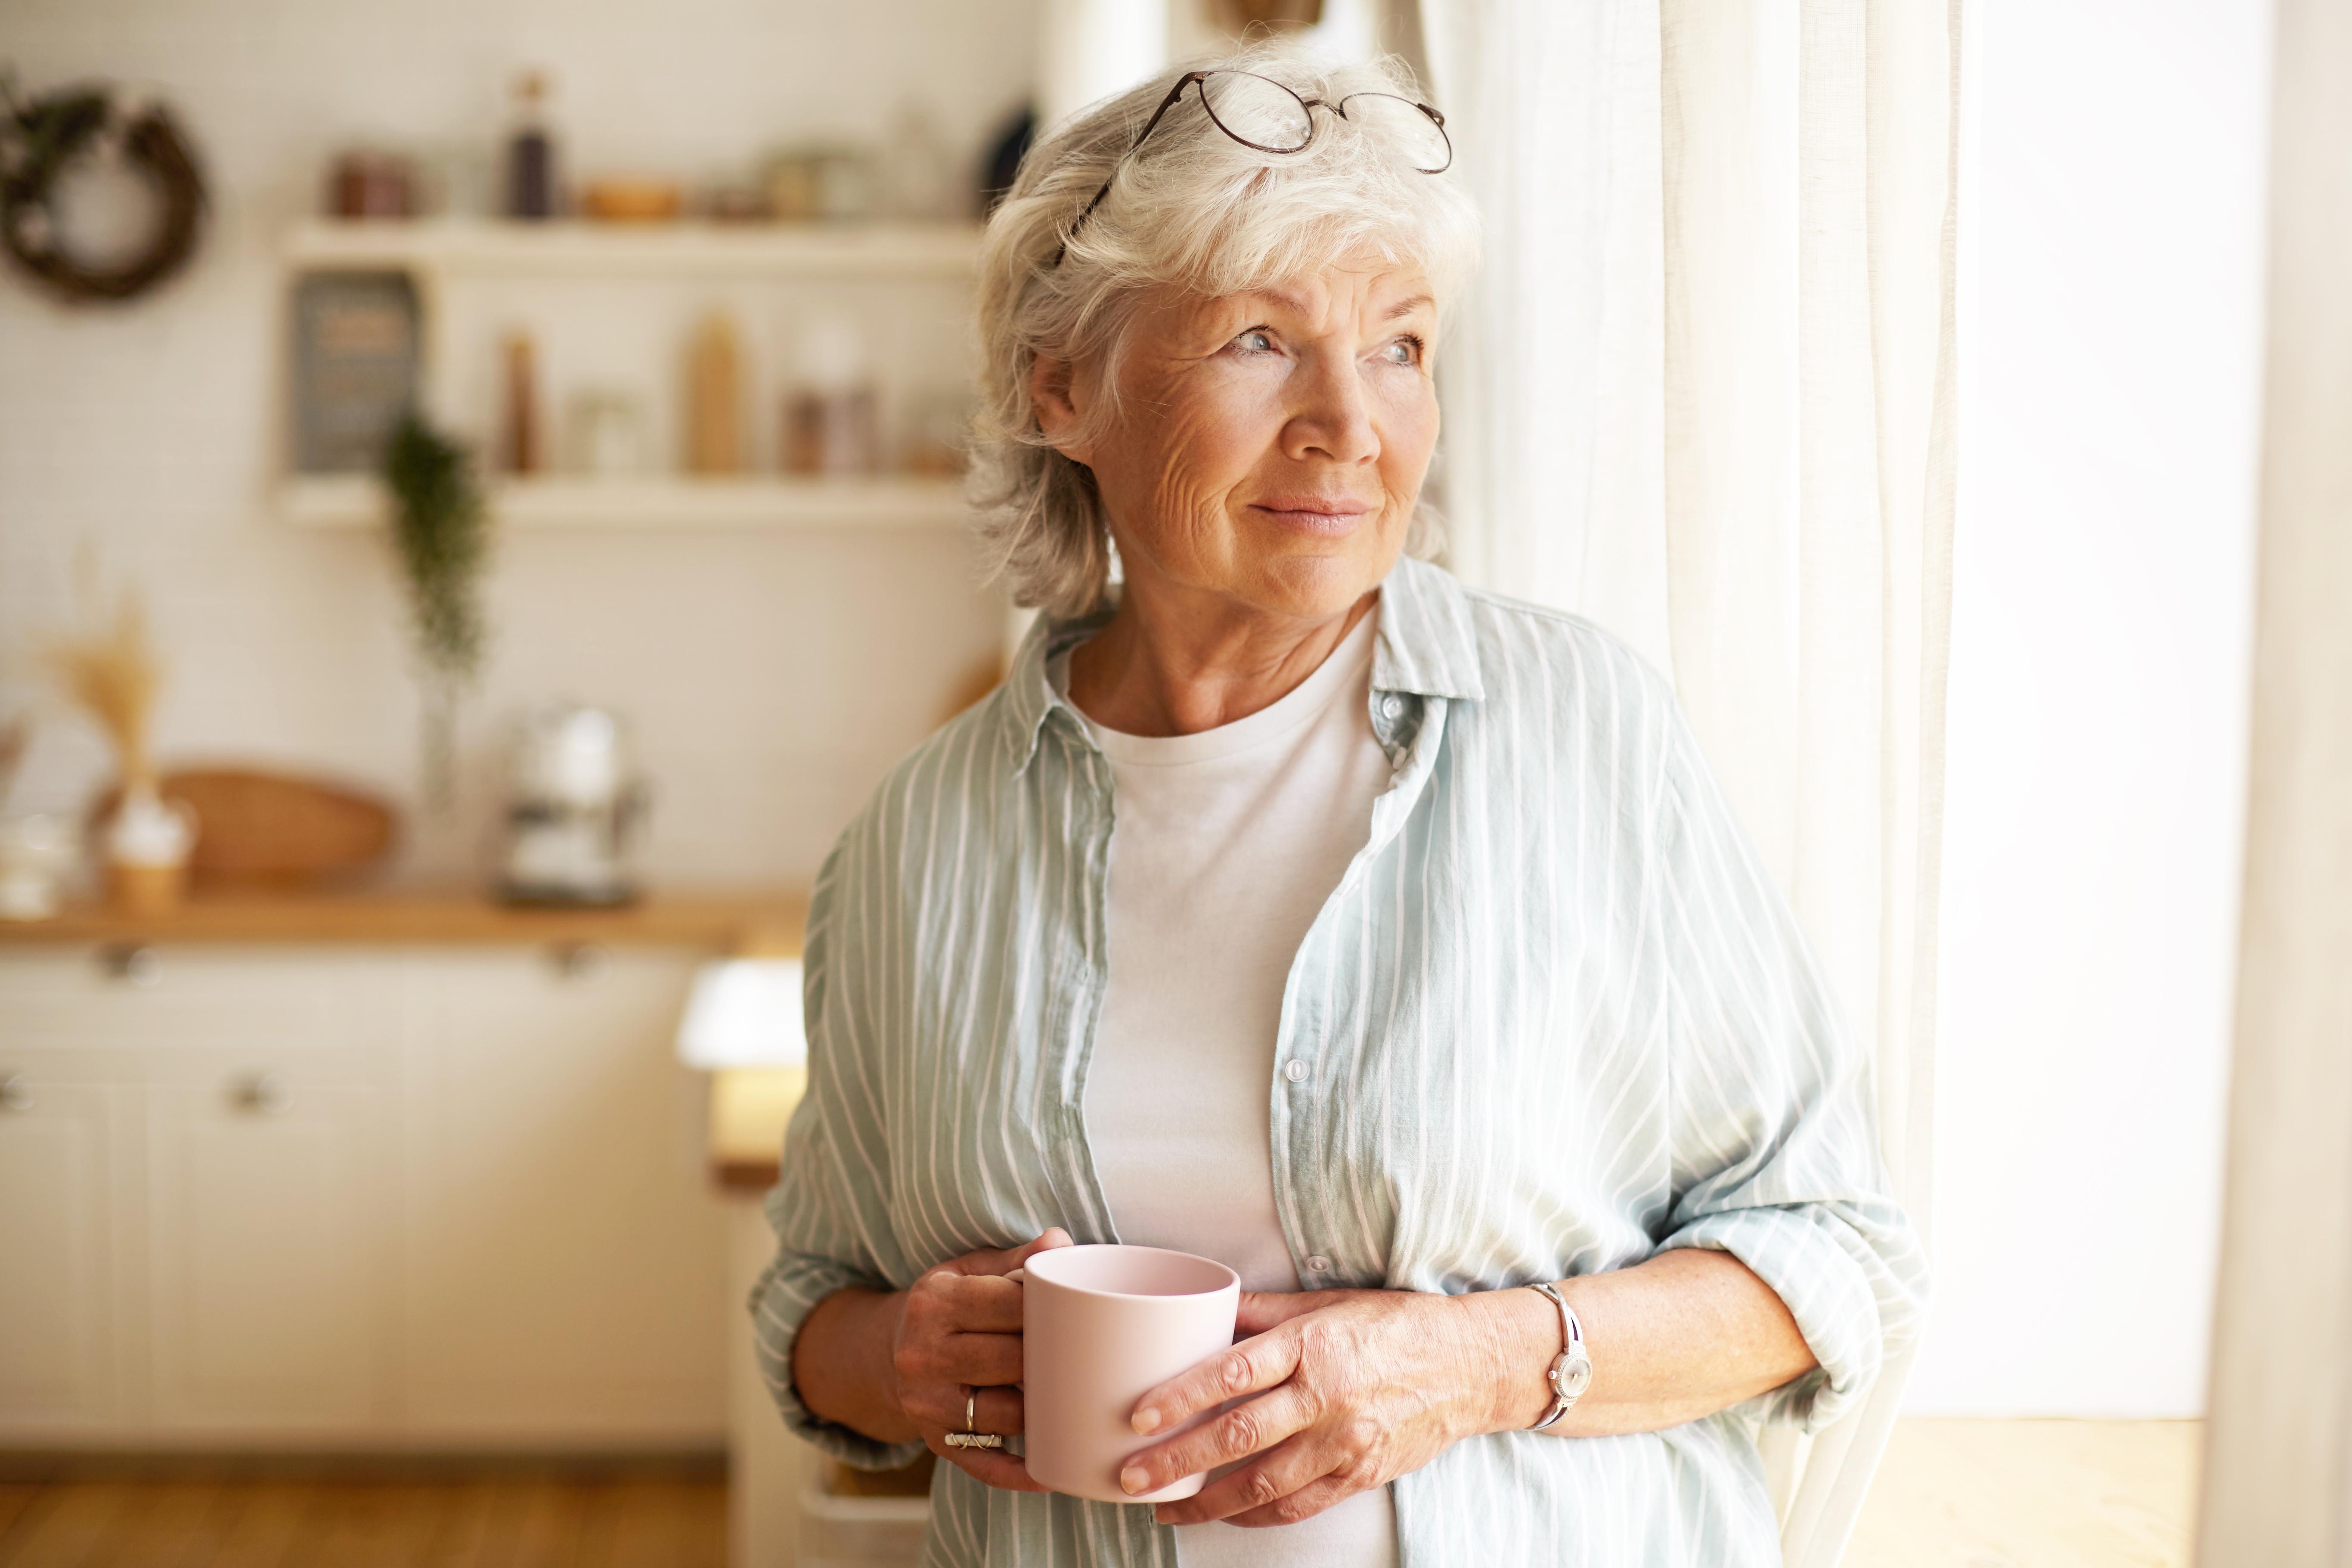 Cirka sju procent av Sveriges befolkning över 65 år är svårt demenssjuka.